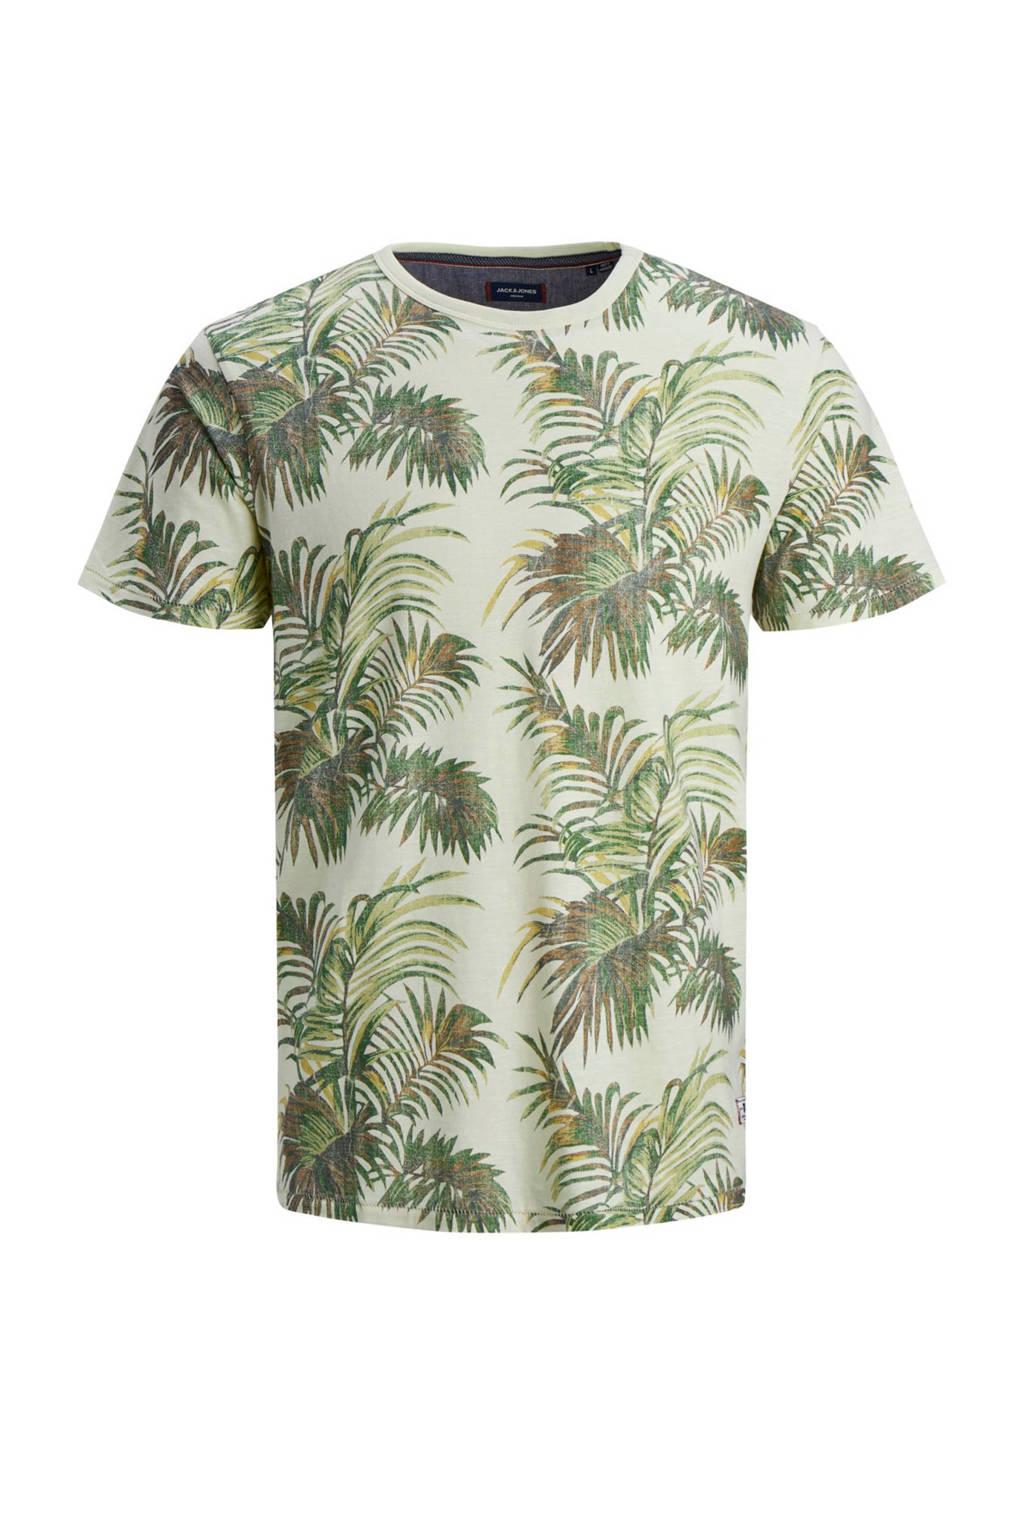 JACK & JONES JUNIOR T-shirt Max met all over print lichtgroen, Lichtgroen